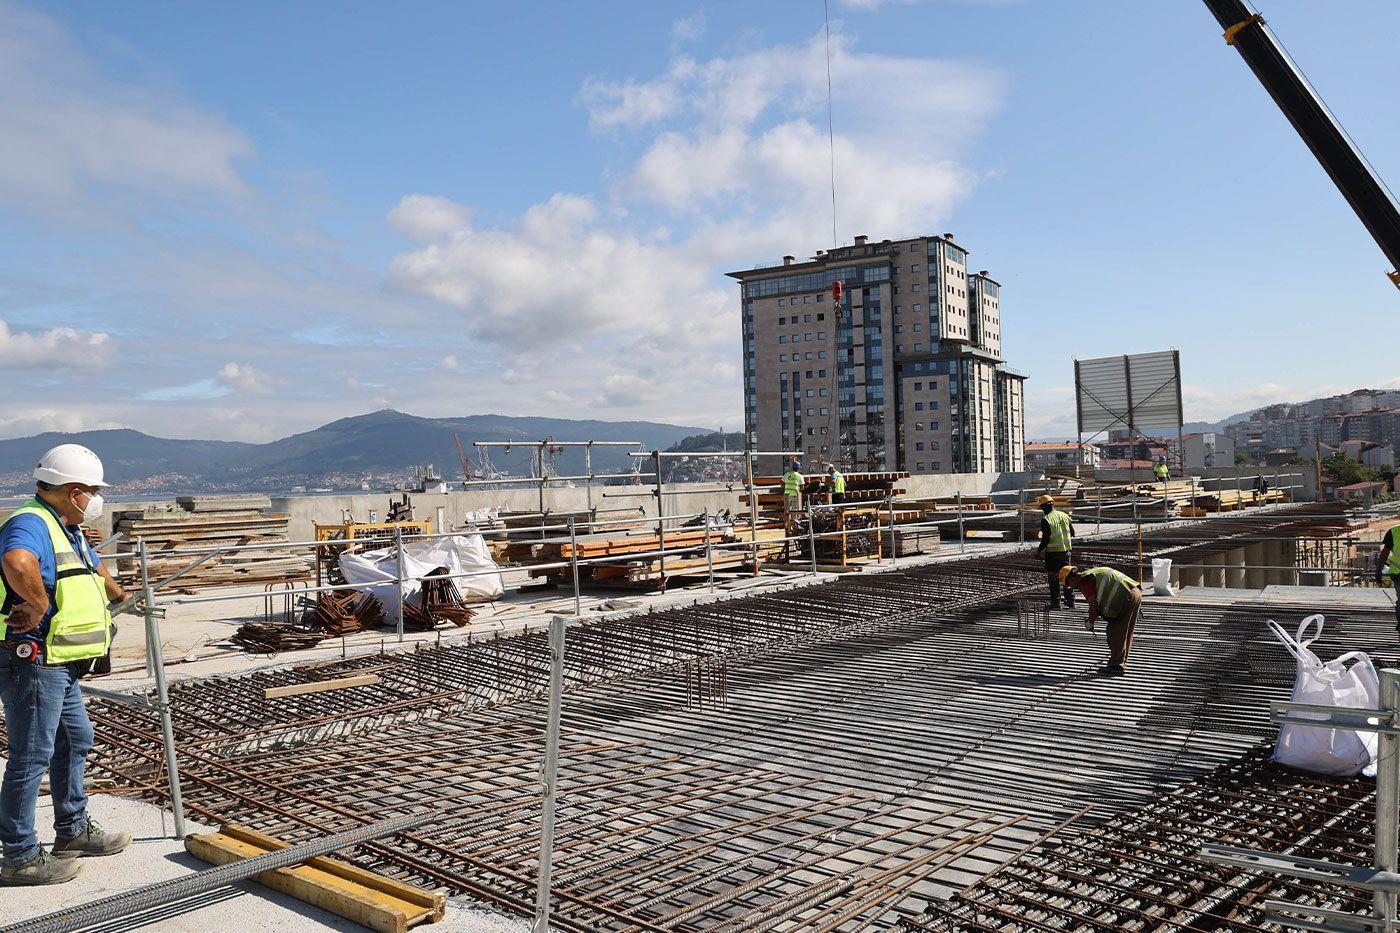 Operarios trabajando en la estructura del complejo intermodal